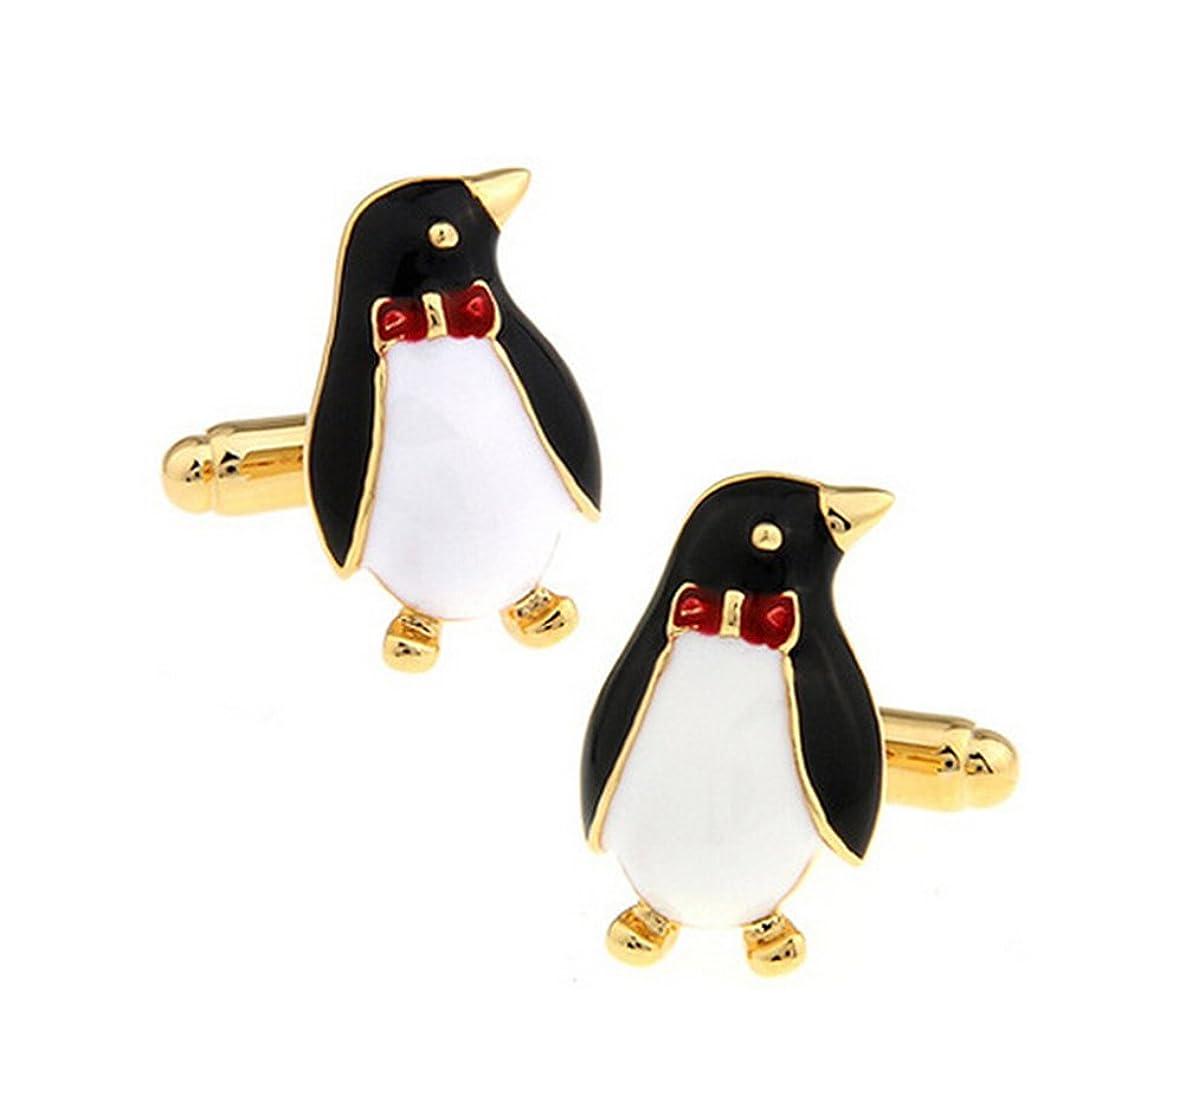 影響力のある大理石乳Doitsa カフス ボタン カフス 袖釘 飾り ペンギン シンプル オフィス メンズ シャツカフス ユニセックス 結婚式 会議 パーティー 贈り物 ゴールド 1ペア